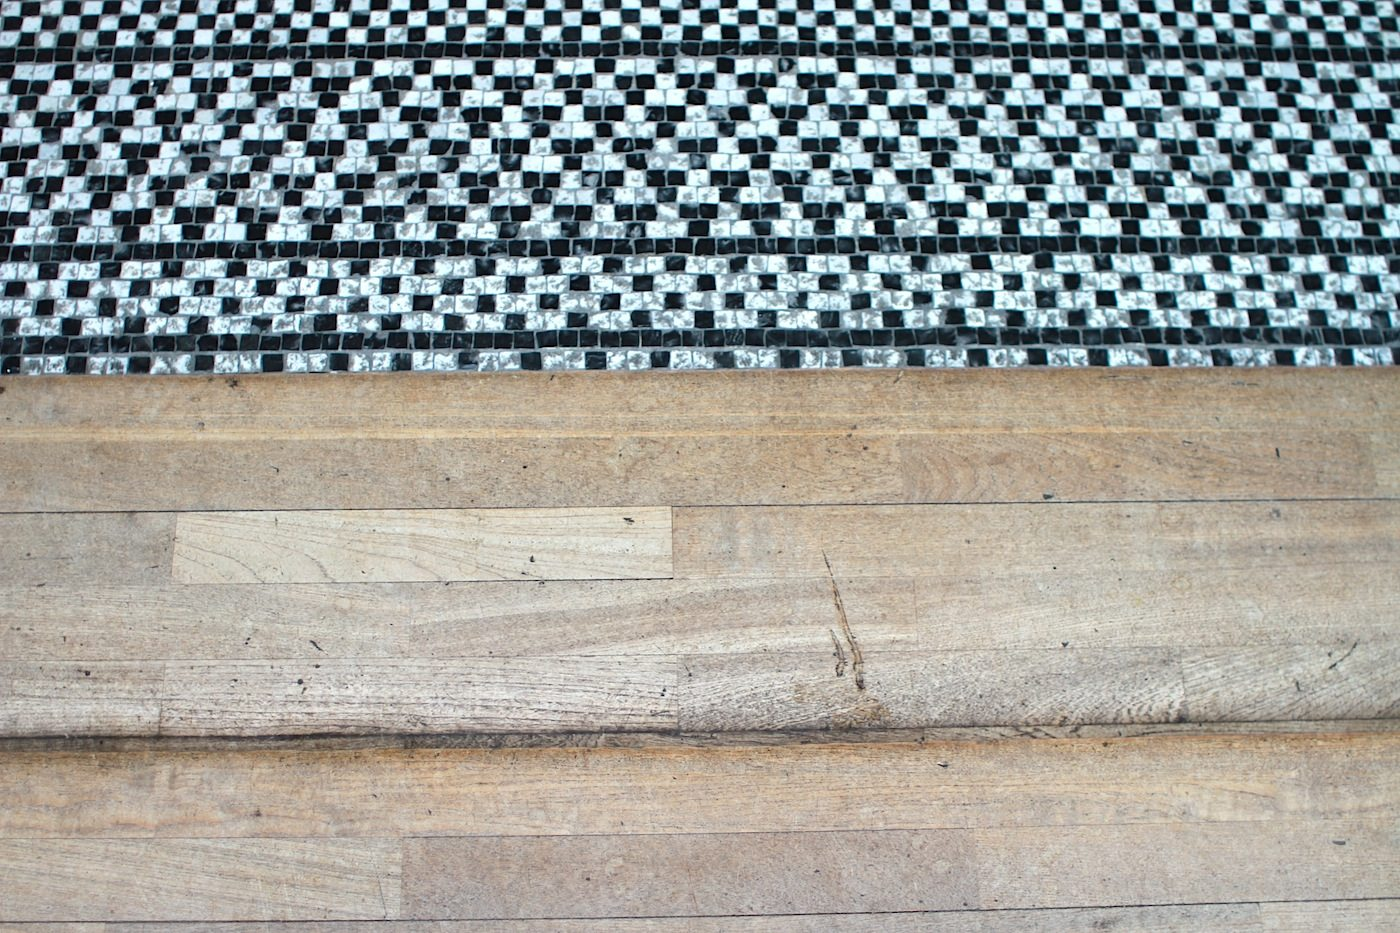 Holz und Stein.  Im Foyer treffen Holz- und Marmorboden aufeinander, letzterer mit dem edlen Gestein aus Italien.